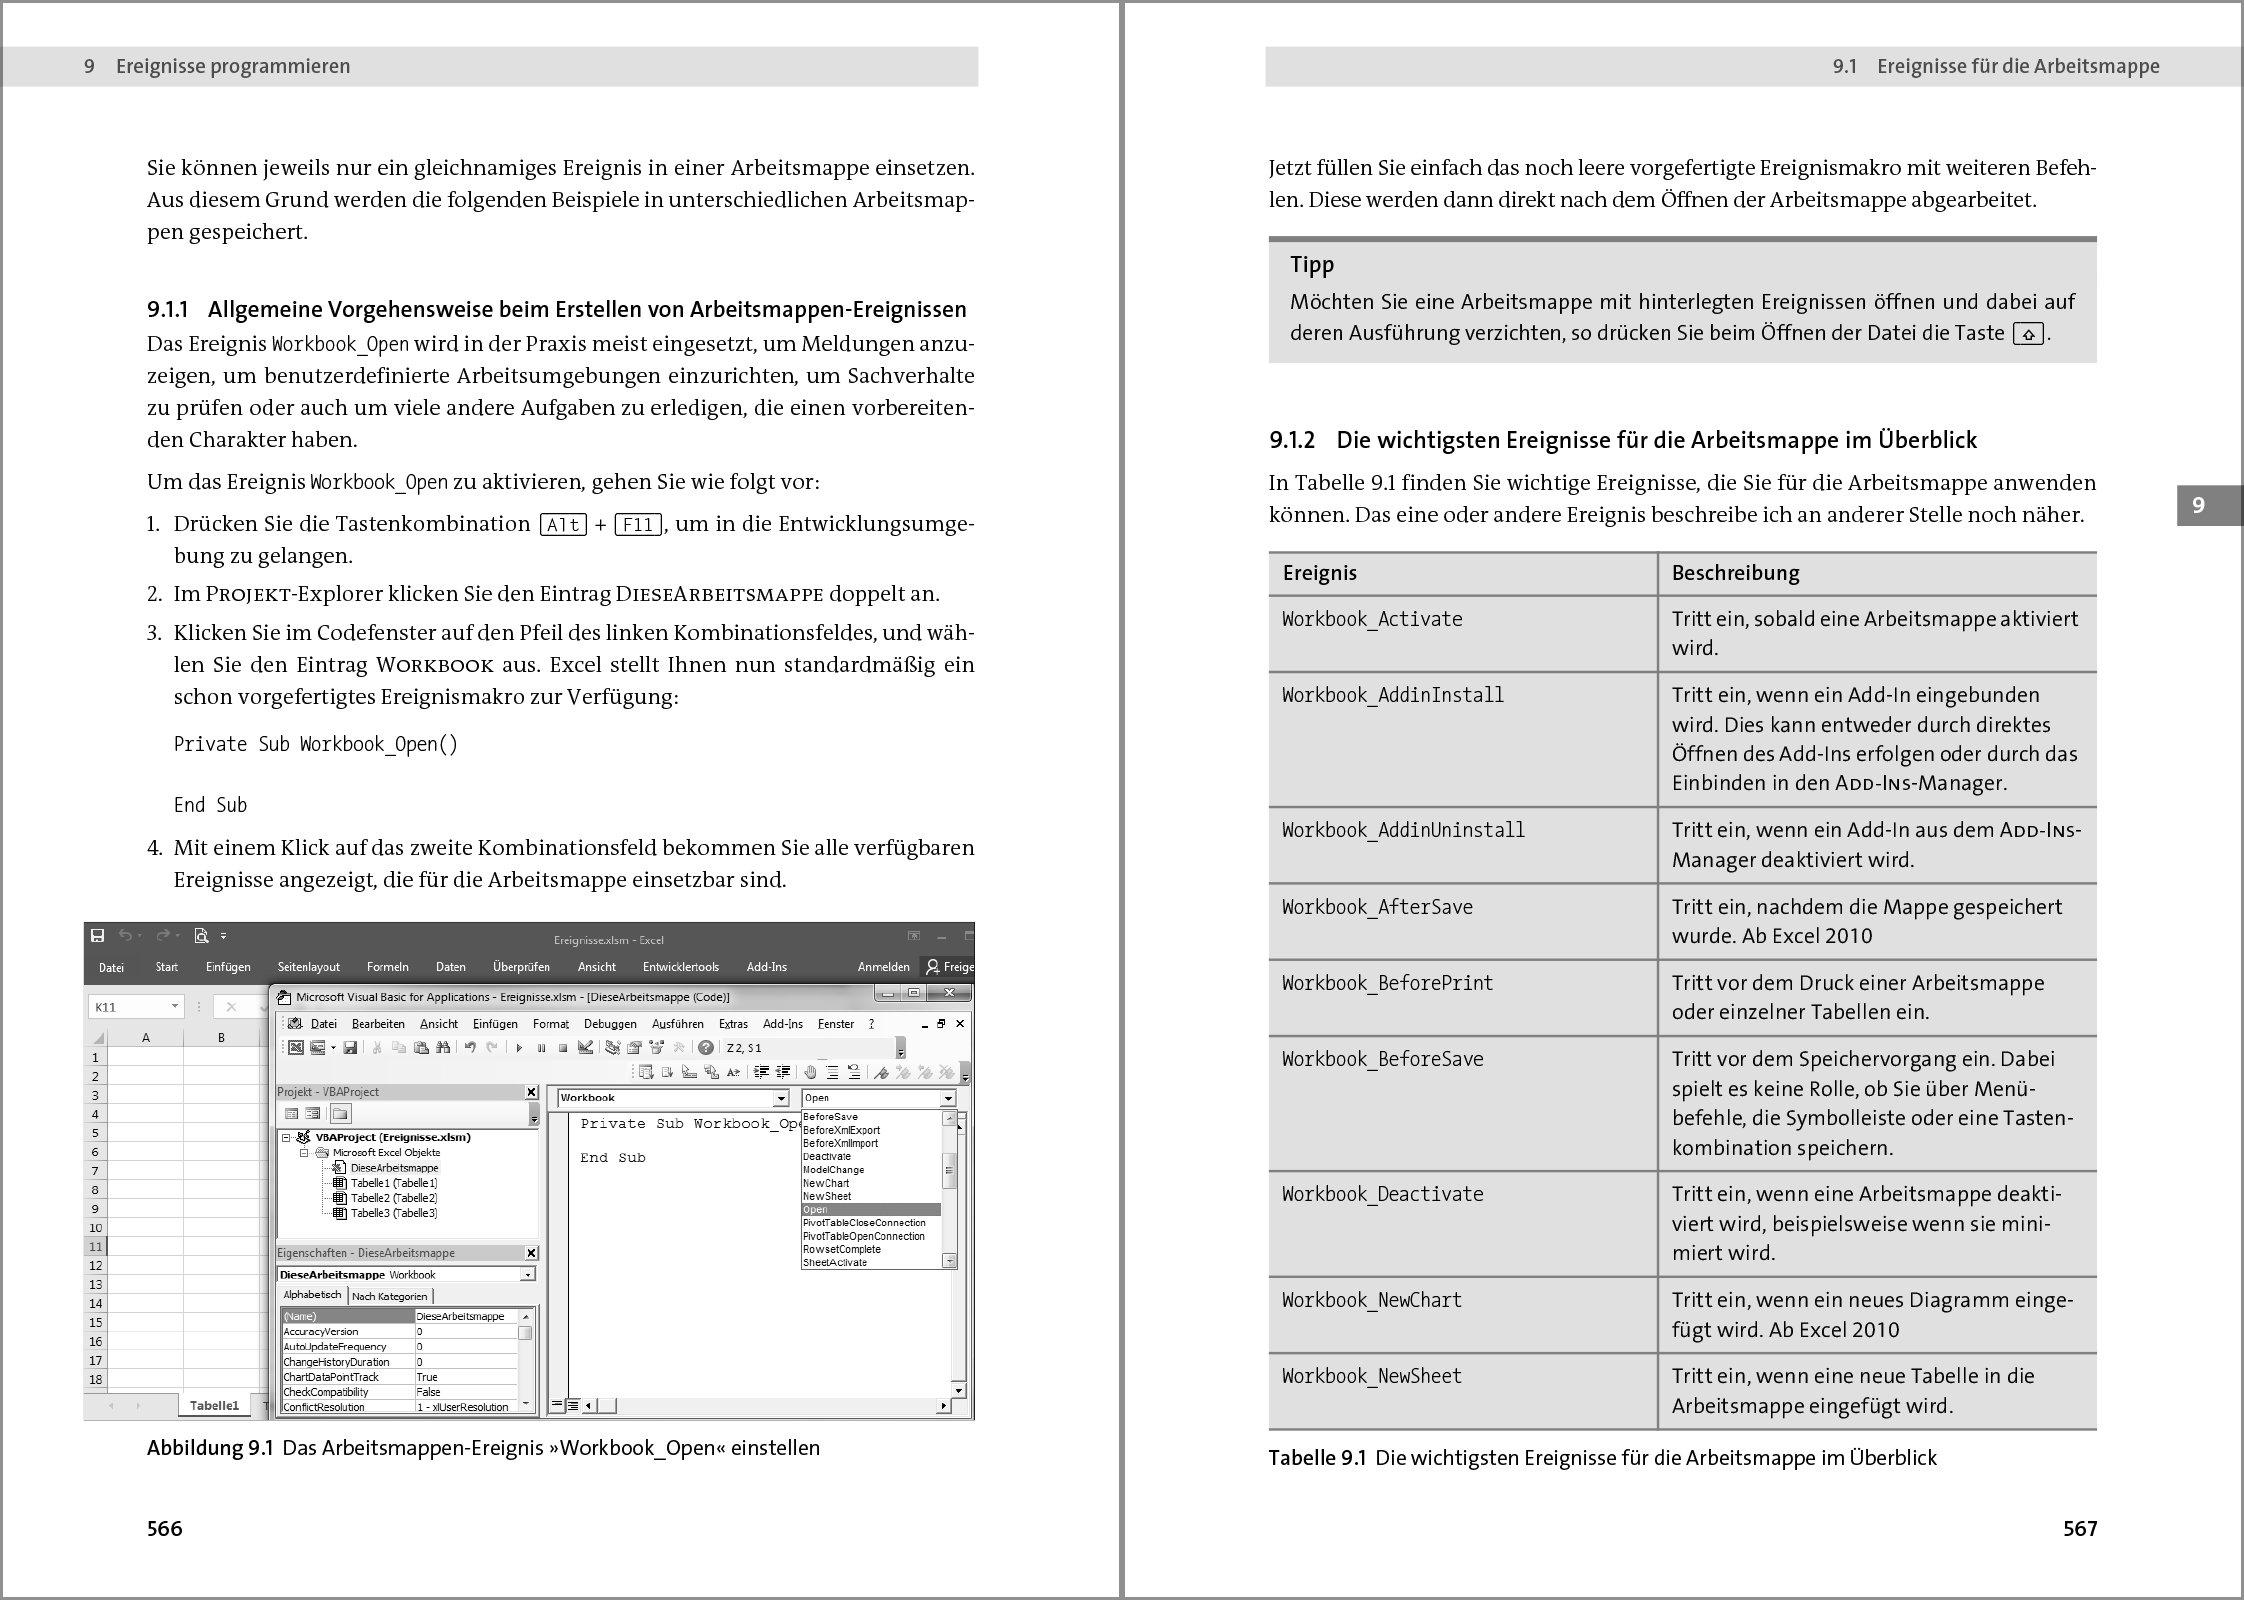 VBA mit Excel: Das umfassende Handbuch für Einsteiger und fortgeschrittene  Anwender: Amazon.de: Bernd Held: Bücher